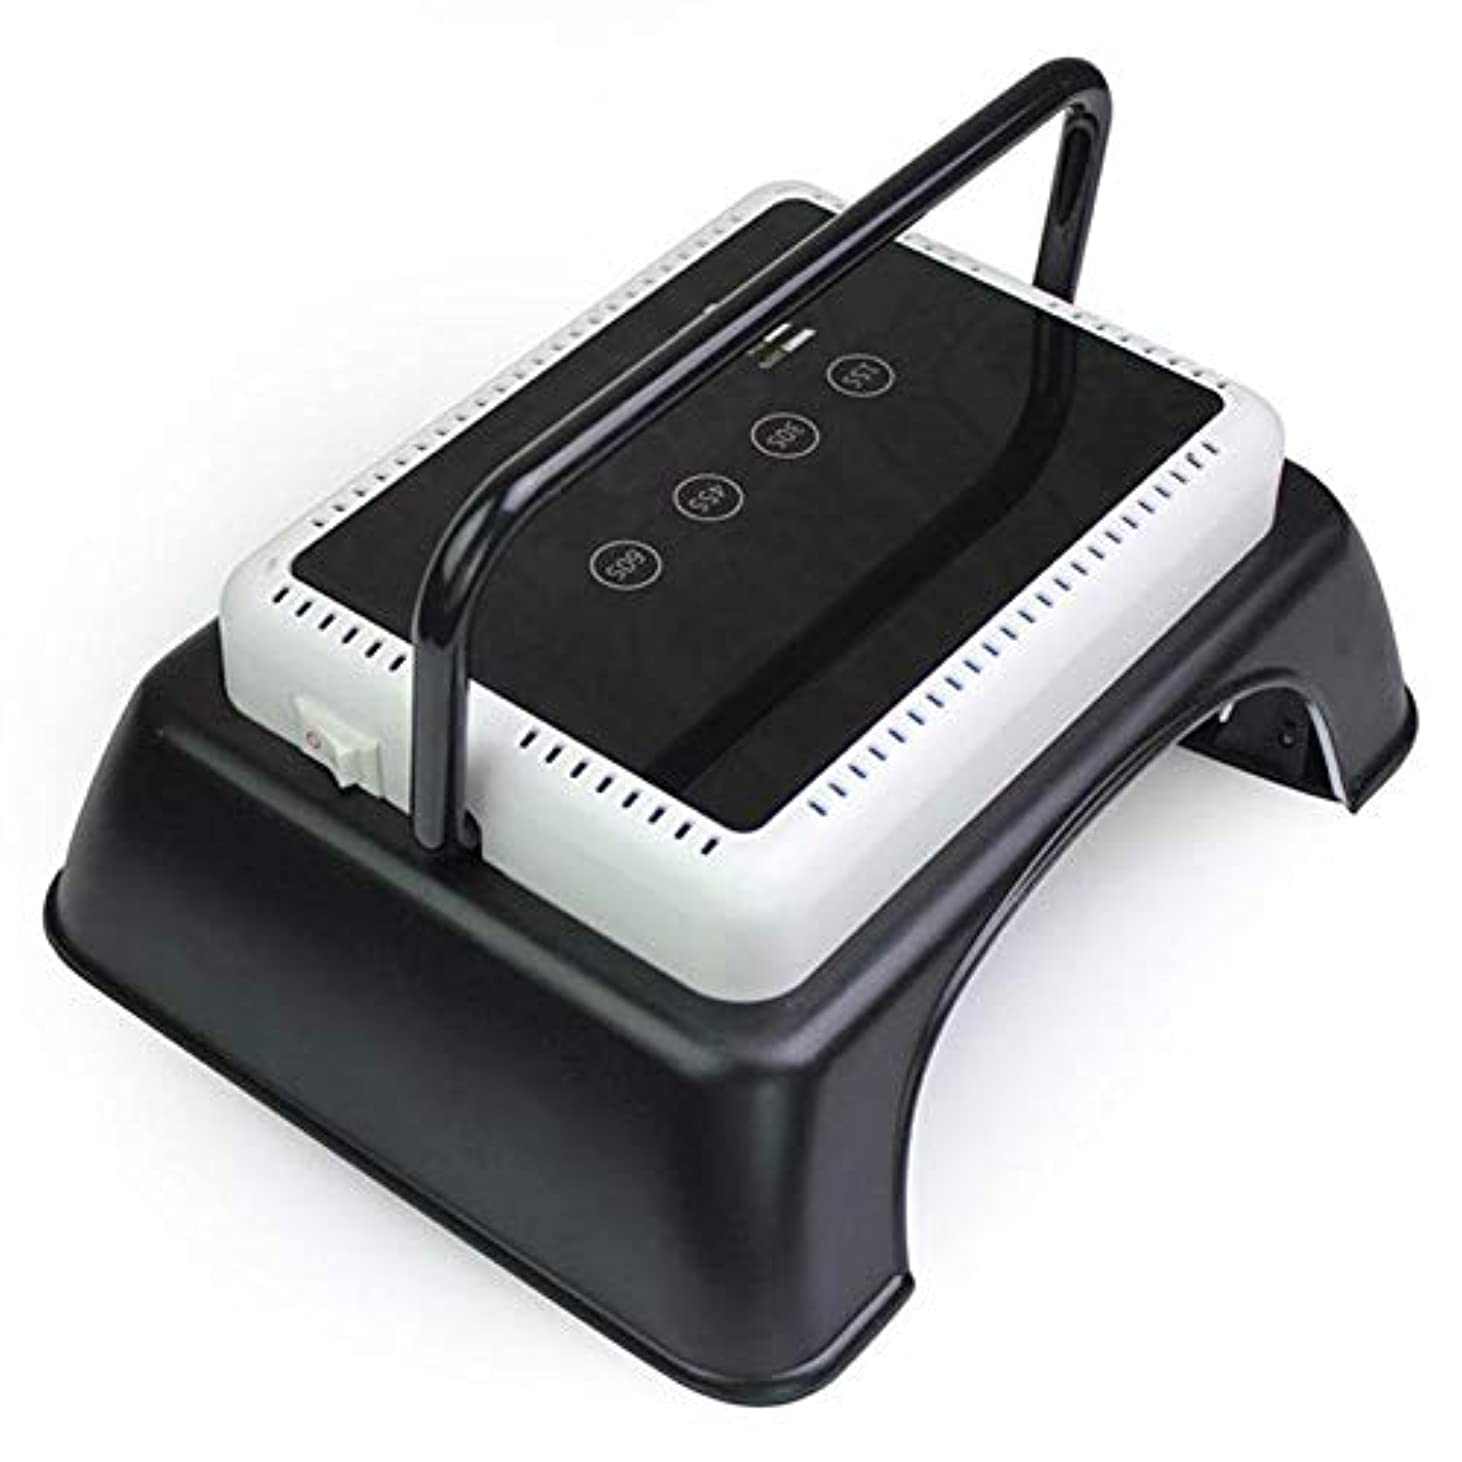 桃寄稿者車両持ち上がるハンドル、タッチセンサー、LCDスクリーンが付いているゲルのマニキュアマニキュア用具のための専門64W LED紫外線釘LampNailのドライヤーライトハイパワー